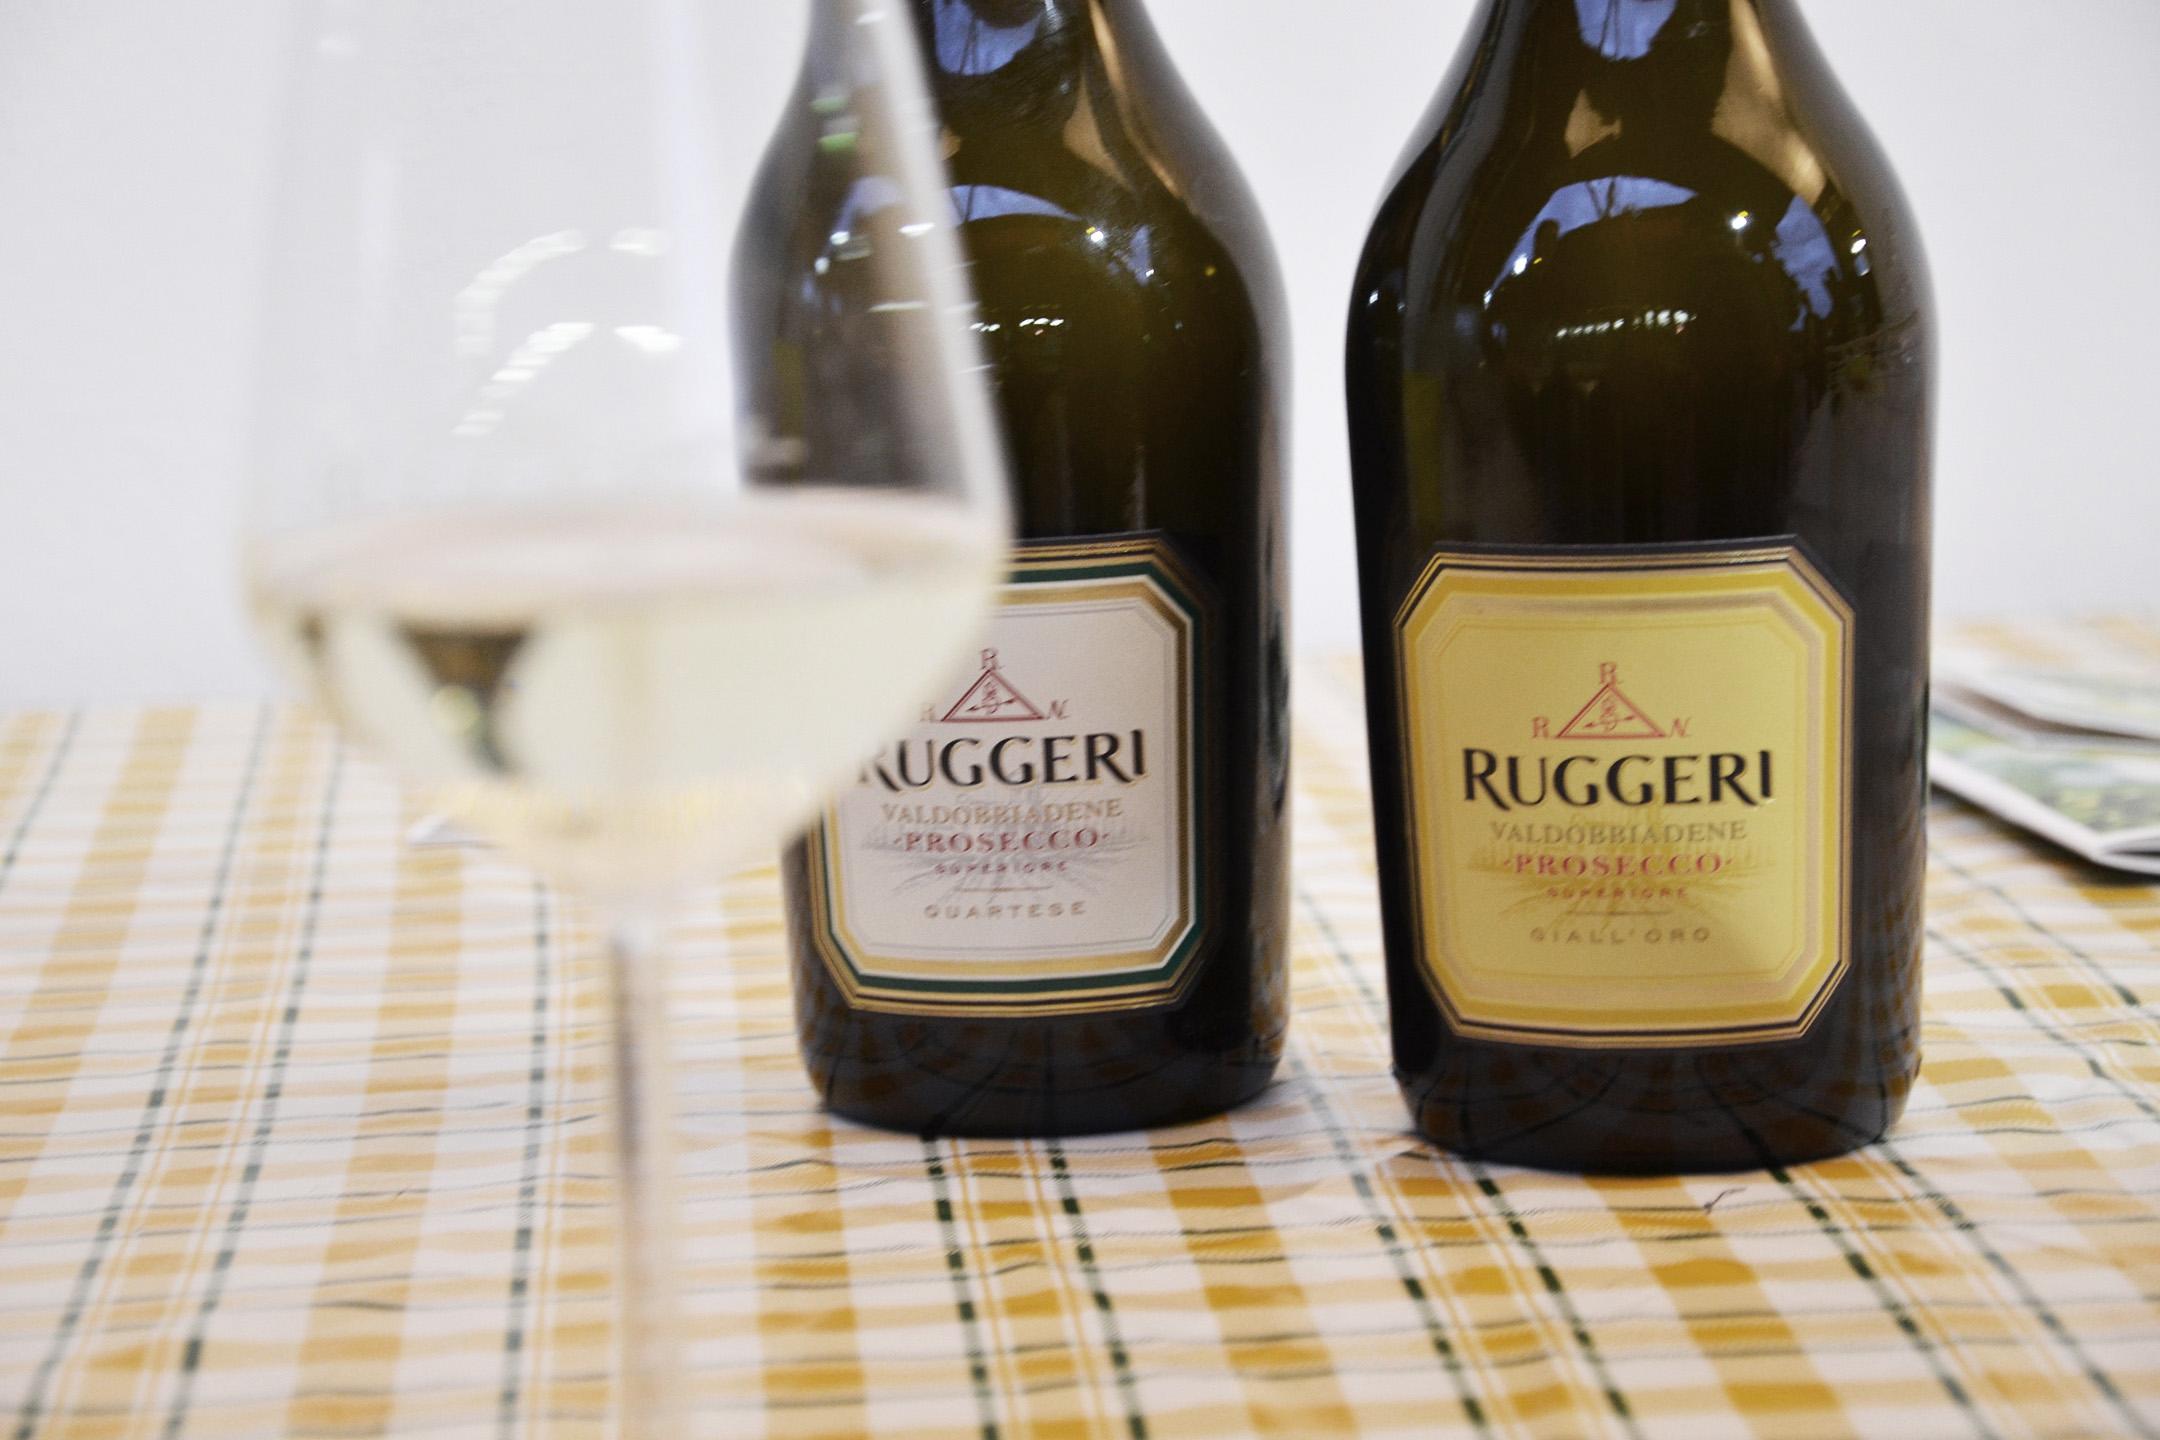 prosecco-ruggeri-styleshouts-alessia-canella-vino-eccellenza-italiana-vino-italiano